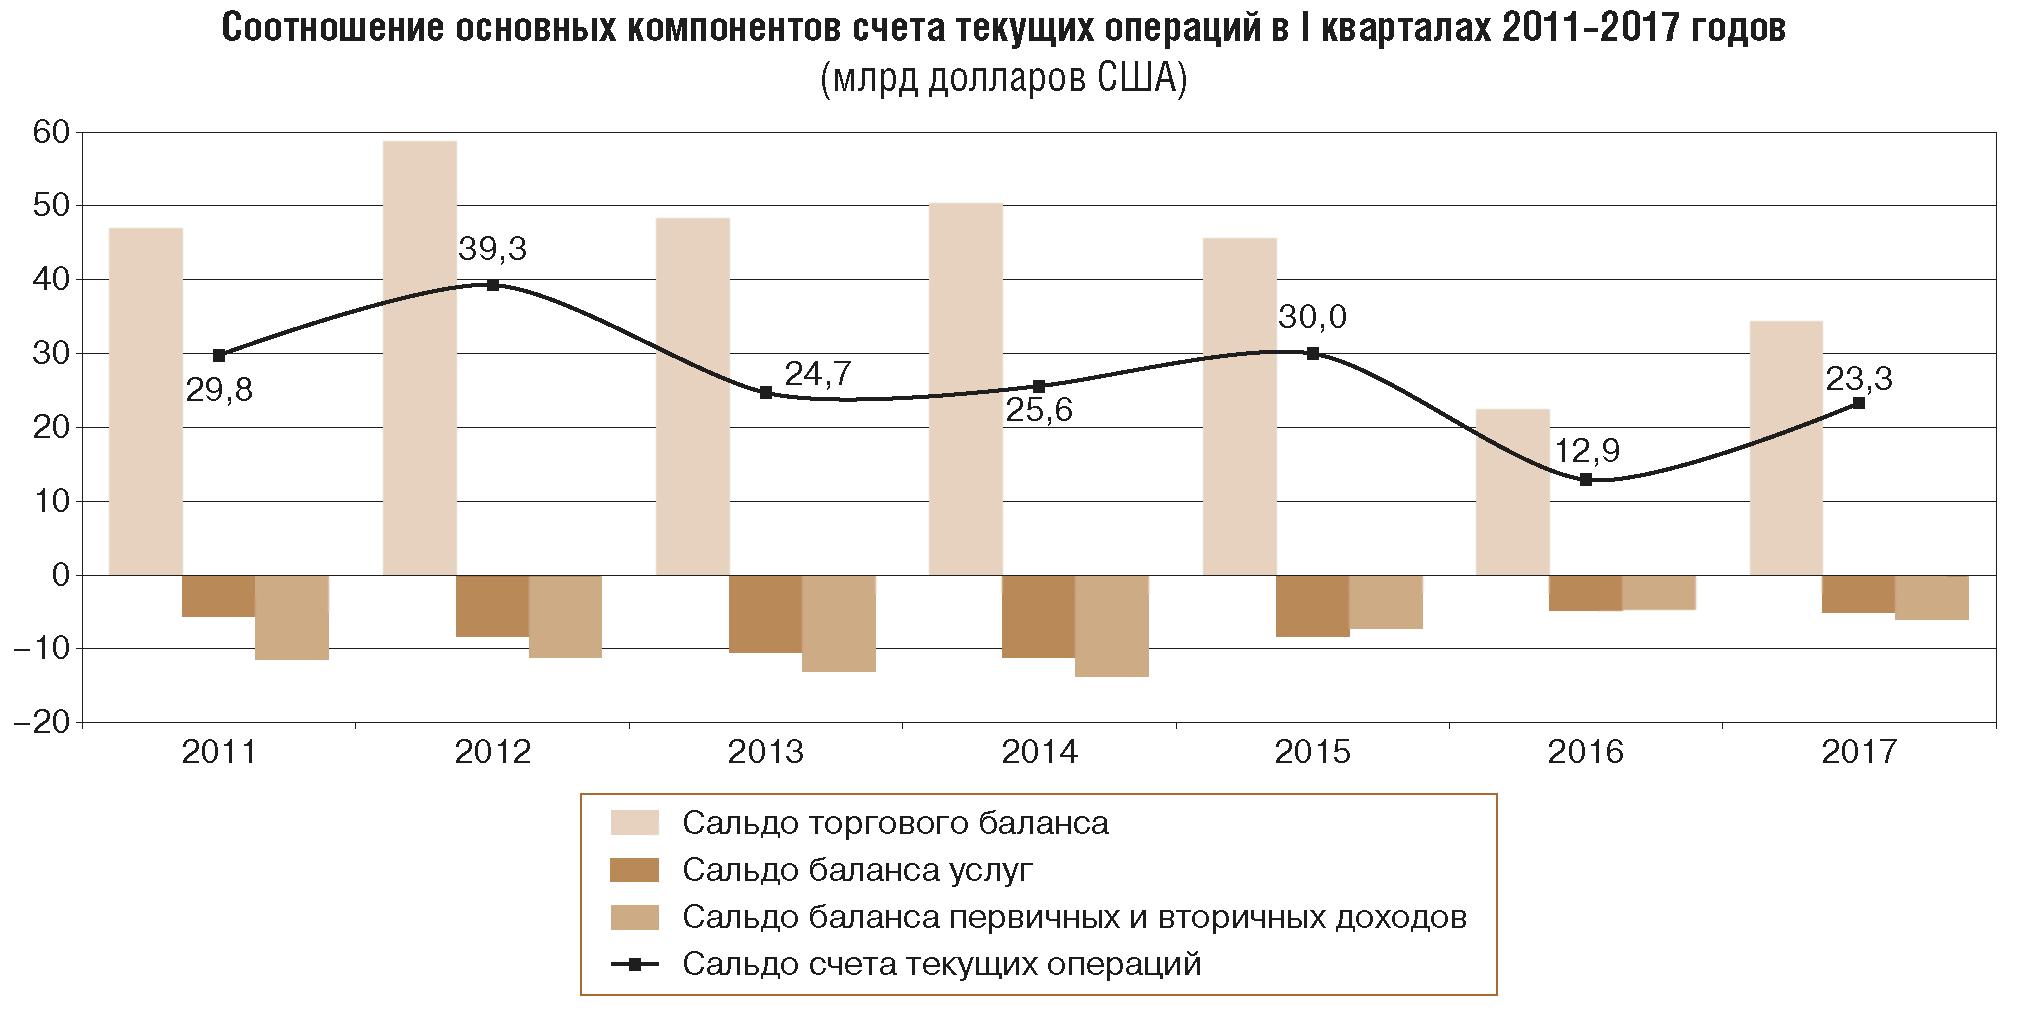 Взять кредит онлайн на карту с плохой кредитной историей украина vam-groshi.com.ua